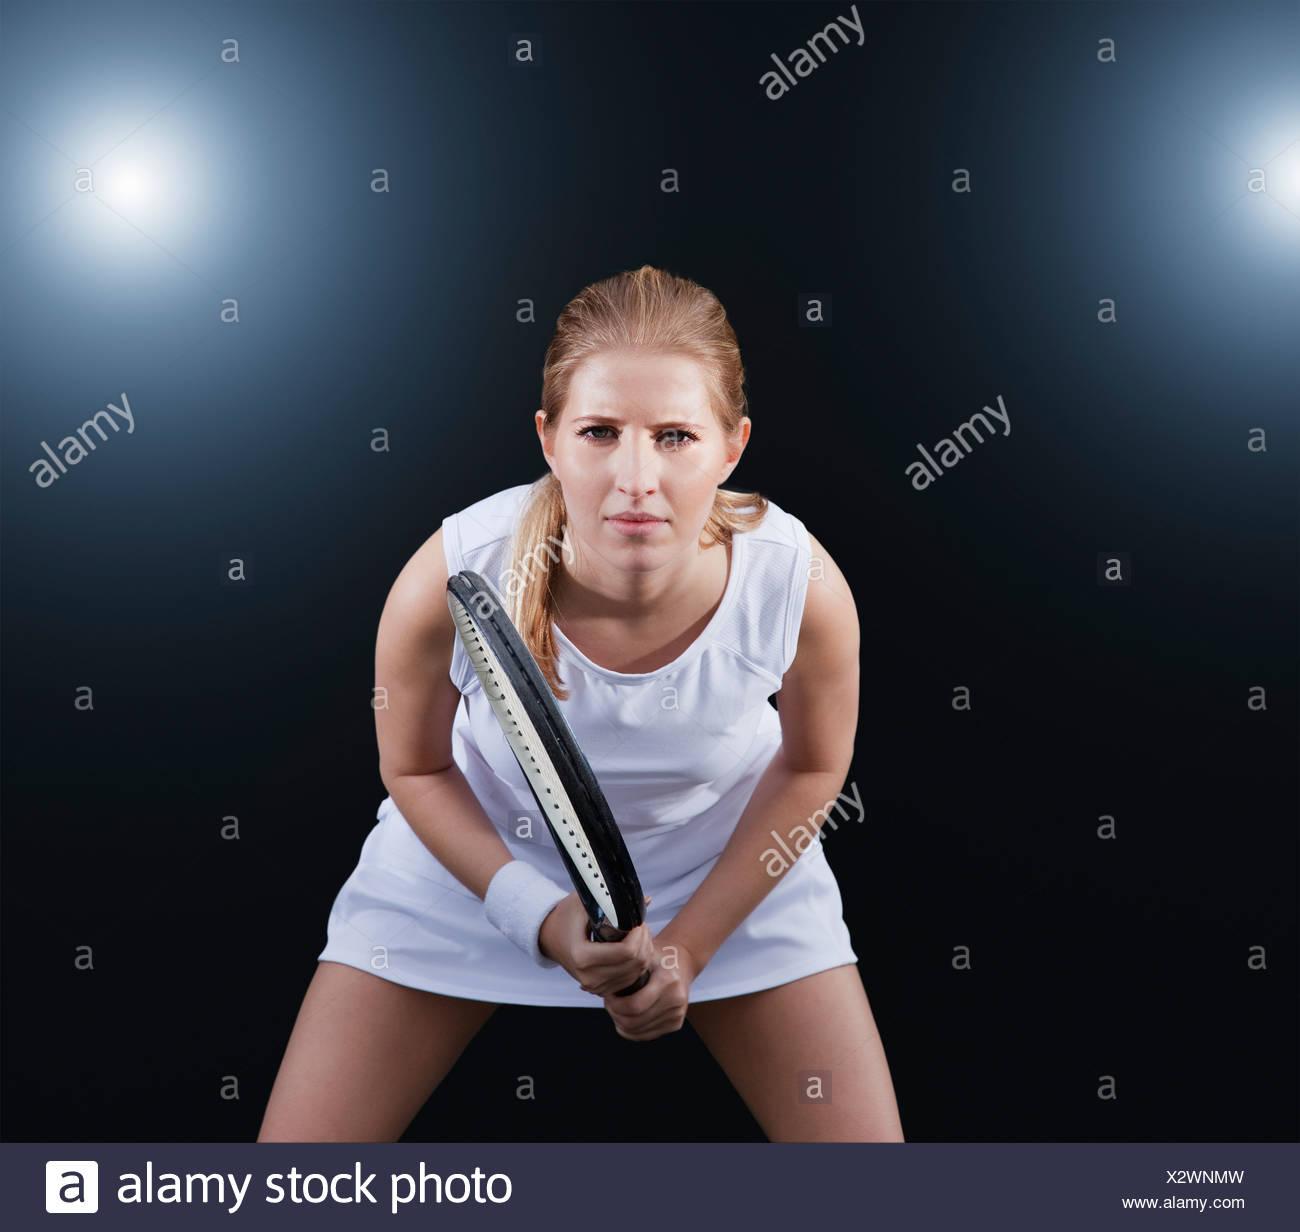 Tennis-Spieler im Spiel bereit Stockbild